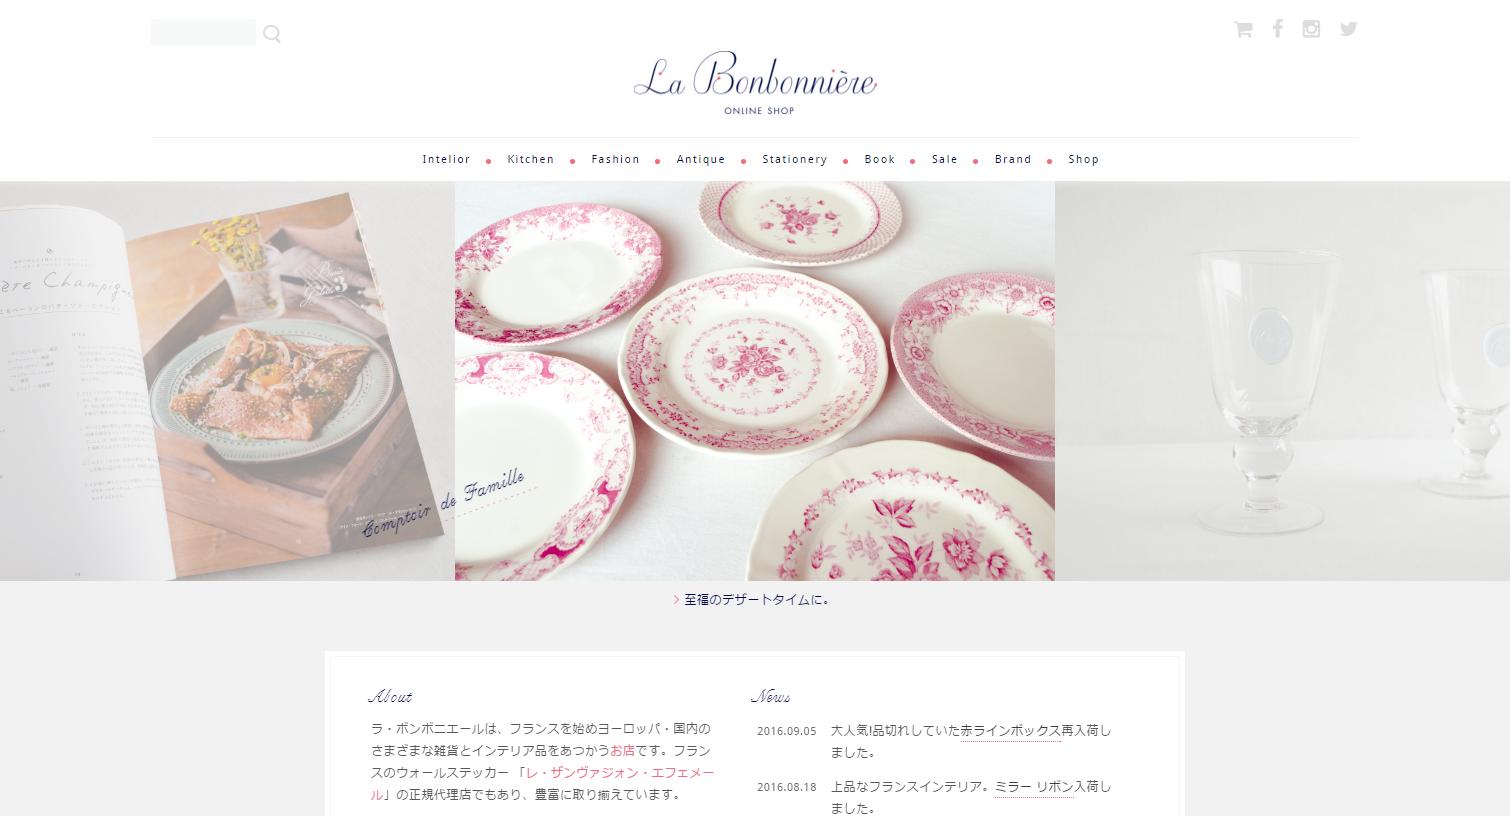 お取り寄せ通販 la bonboniere ボンボニエール 人気イラストレーター松尾ミユキさんのねこのうつわ マグカップホーロー皿プレート